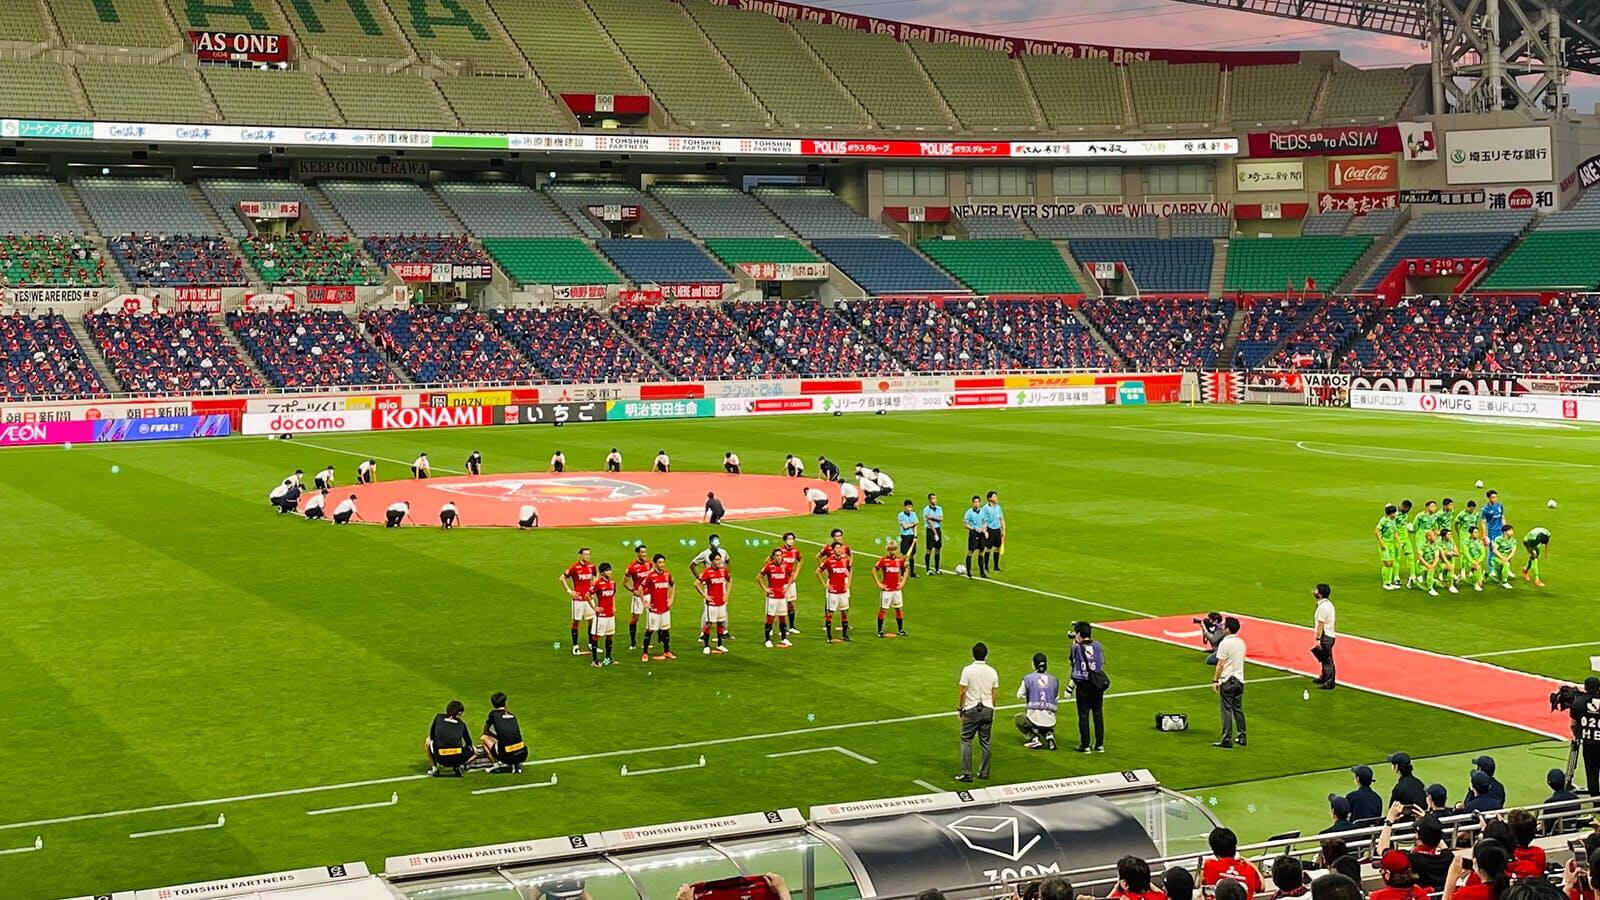 2021 Jリーグ 第18節 埼玉スタジアム2002 湘南ベルマーレ戦